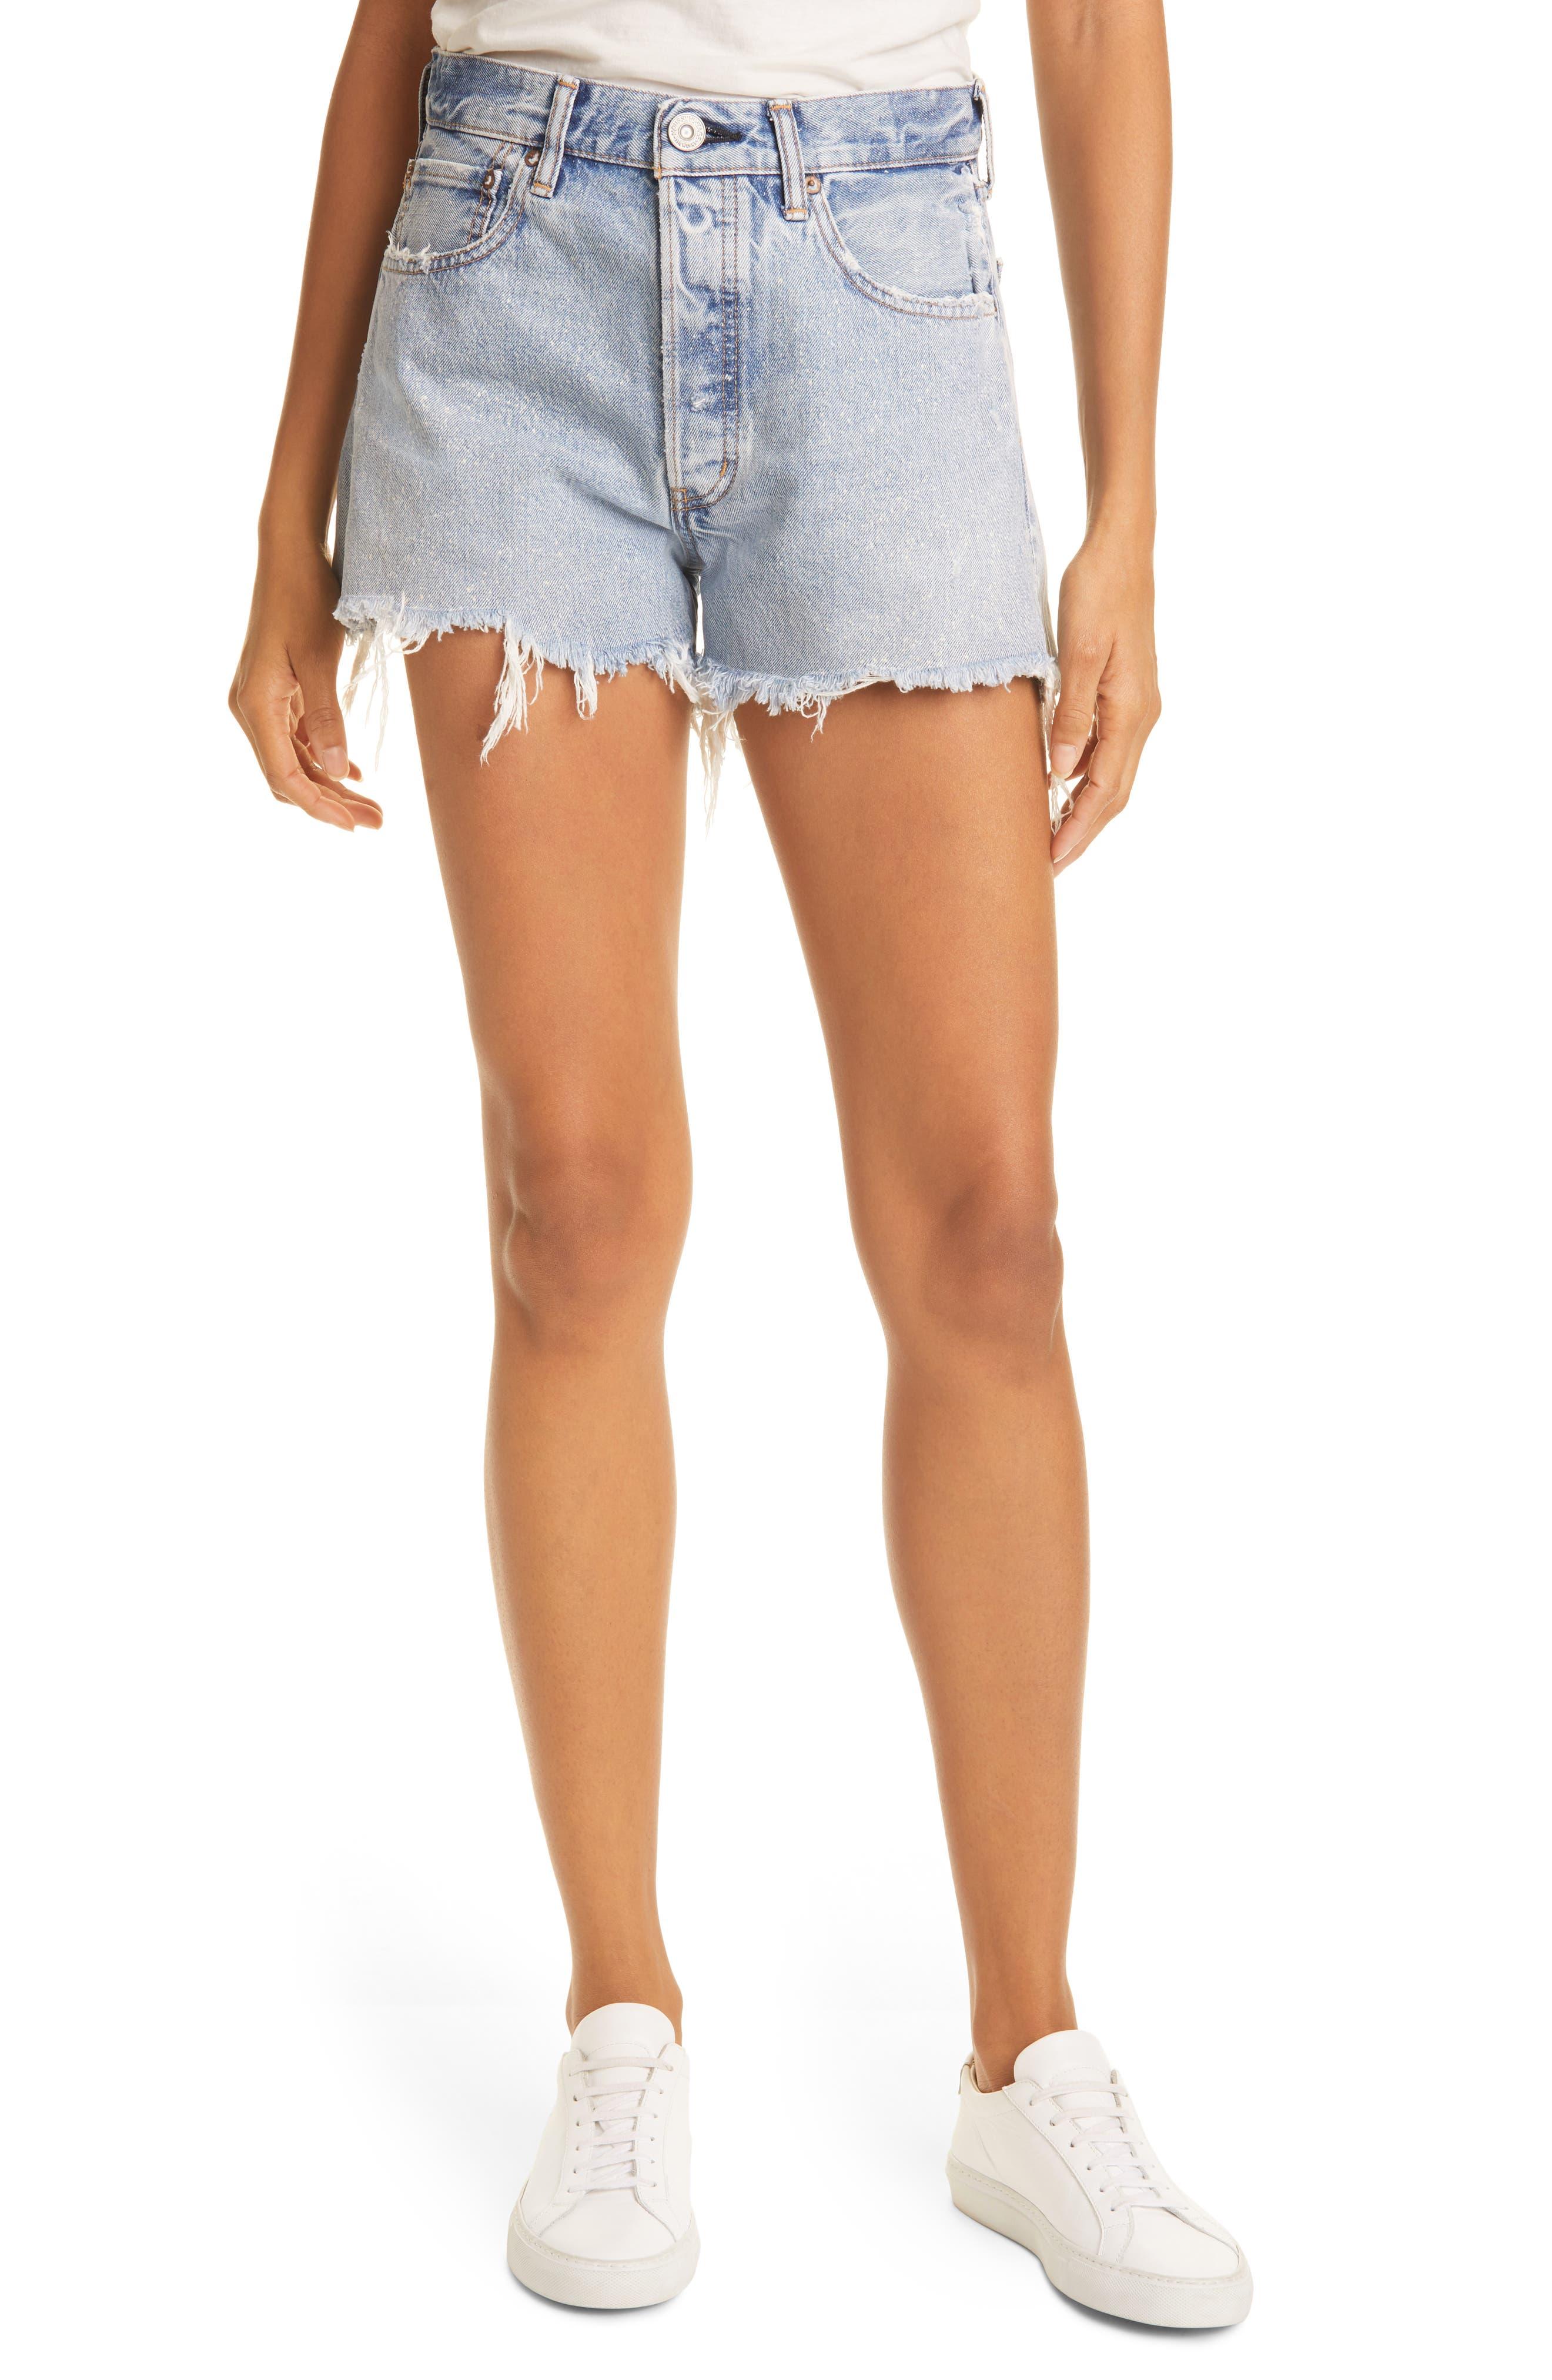 Vintage Bonnie Denim Cutoff Shorts